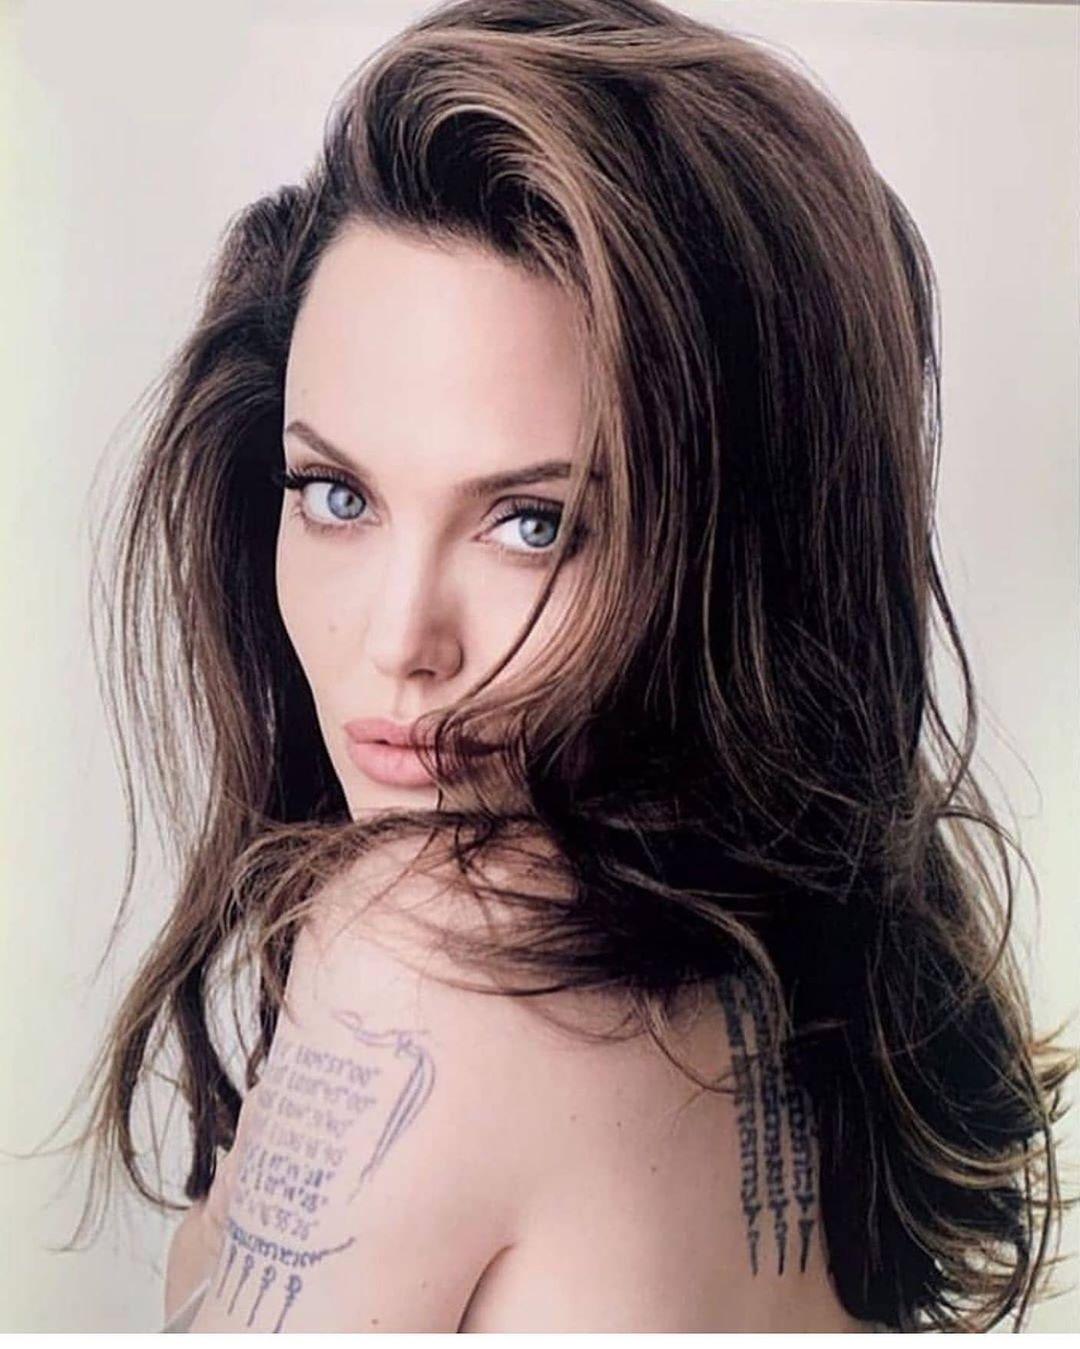 Совсем другая: Для нового фильма Анджелина Джоли стала блондинкой